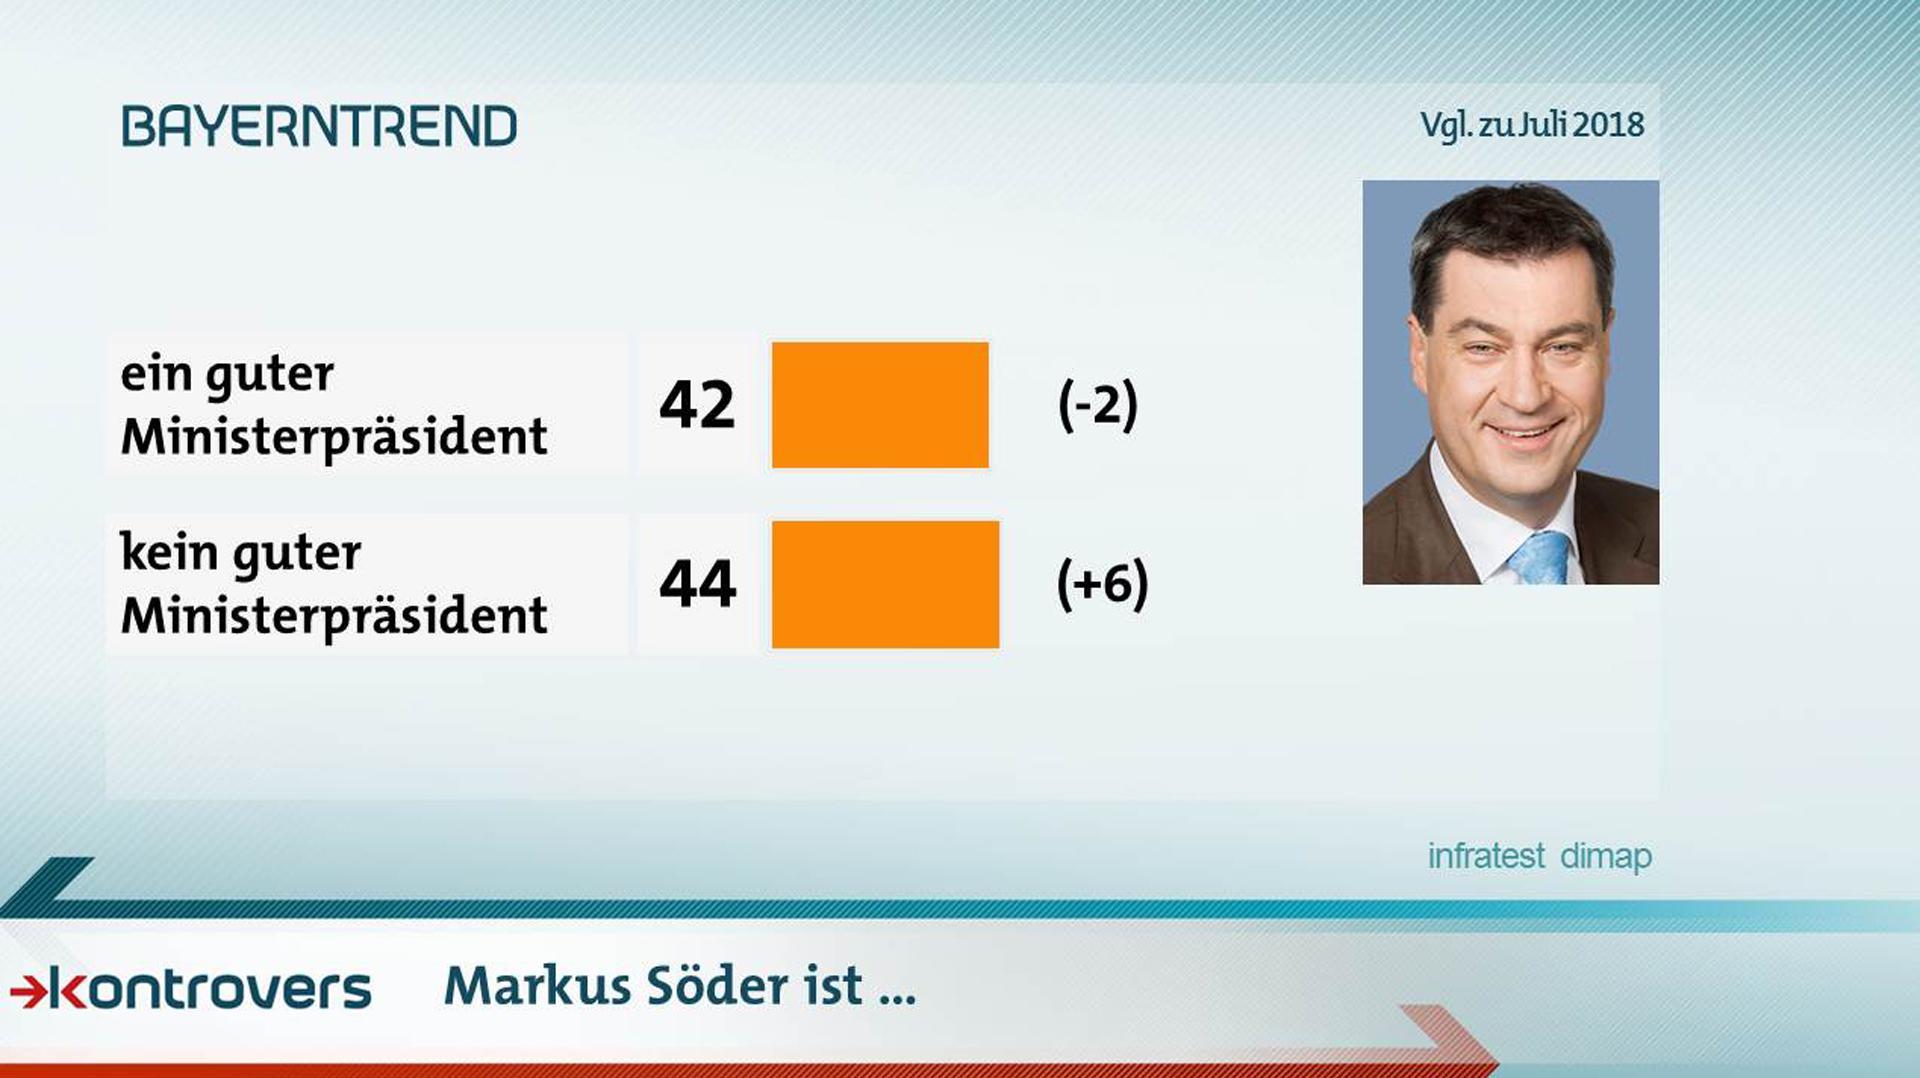 Ist Markus Söder ein guter Ministerpräsident? 42 Prozent sagen ja, 44 Prozent sagen nein.